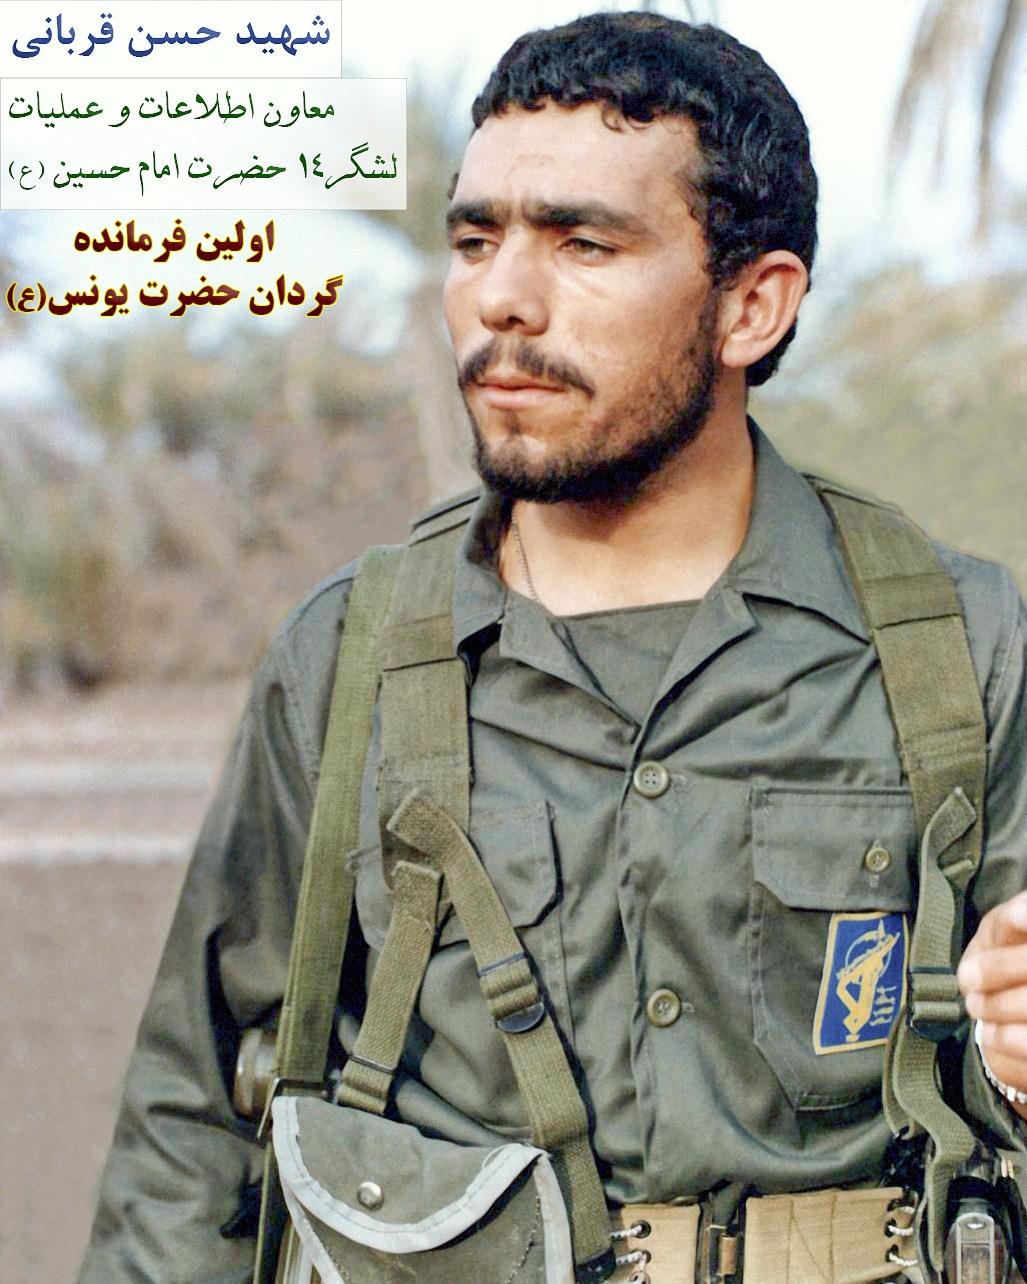 شهید حسن قربانی